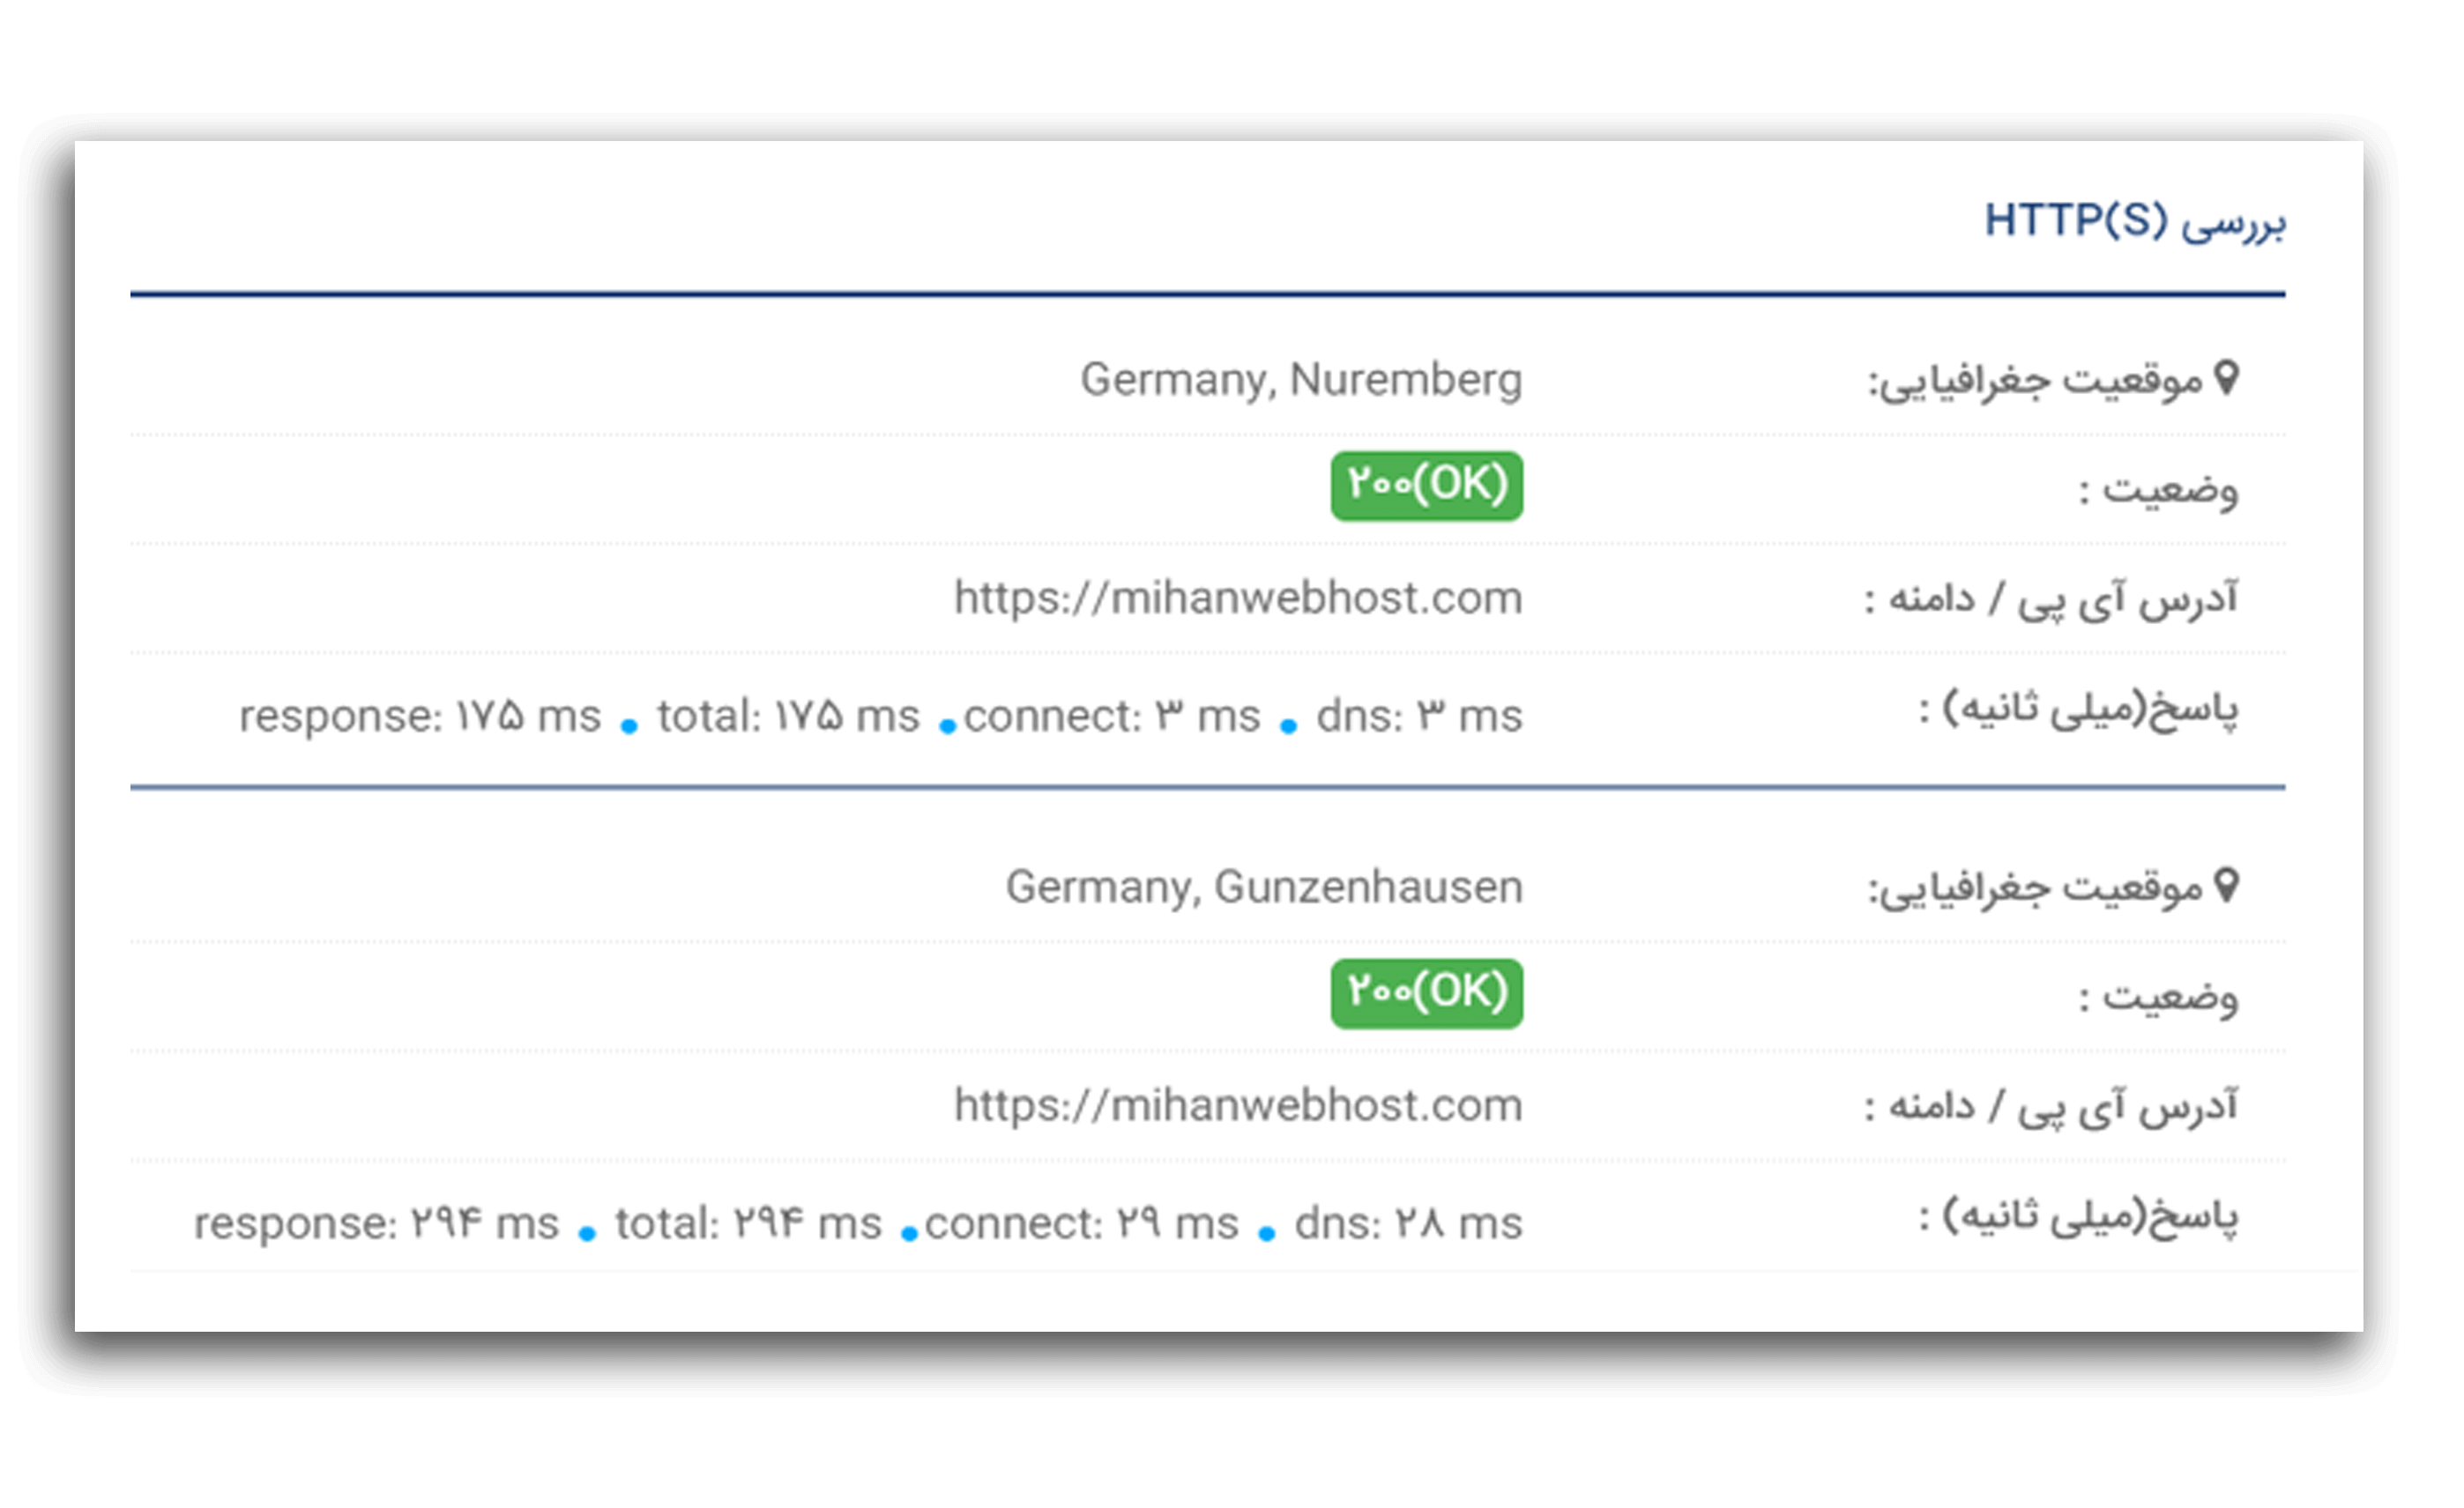 ابزار آنالیز رایگان HTTP(s) در میهن مانیتور